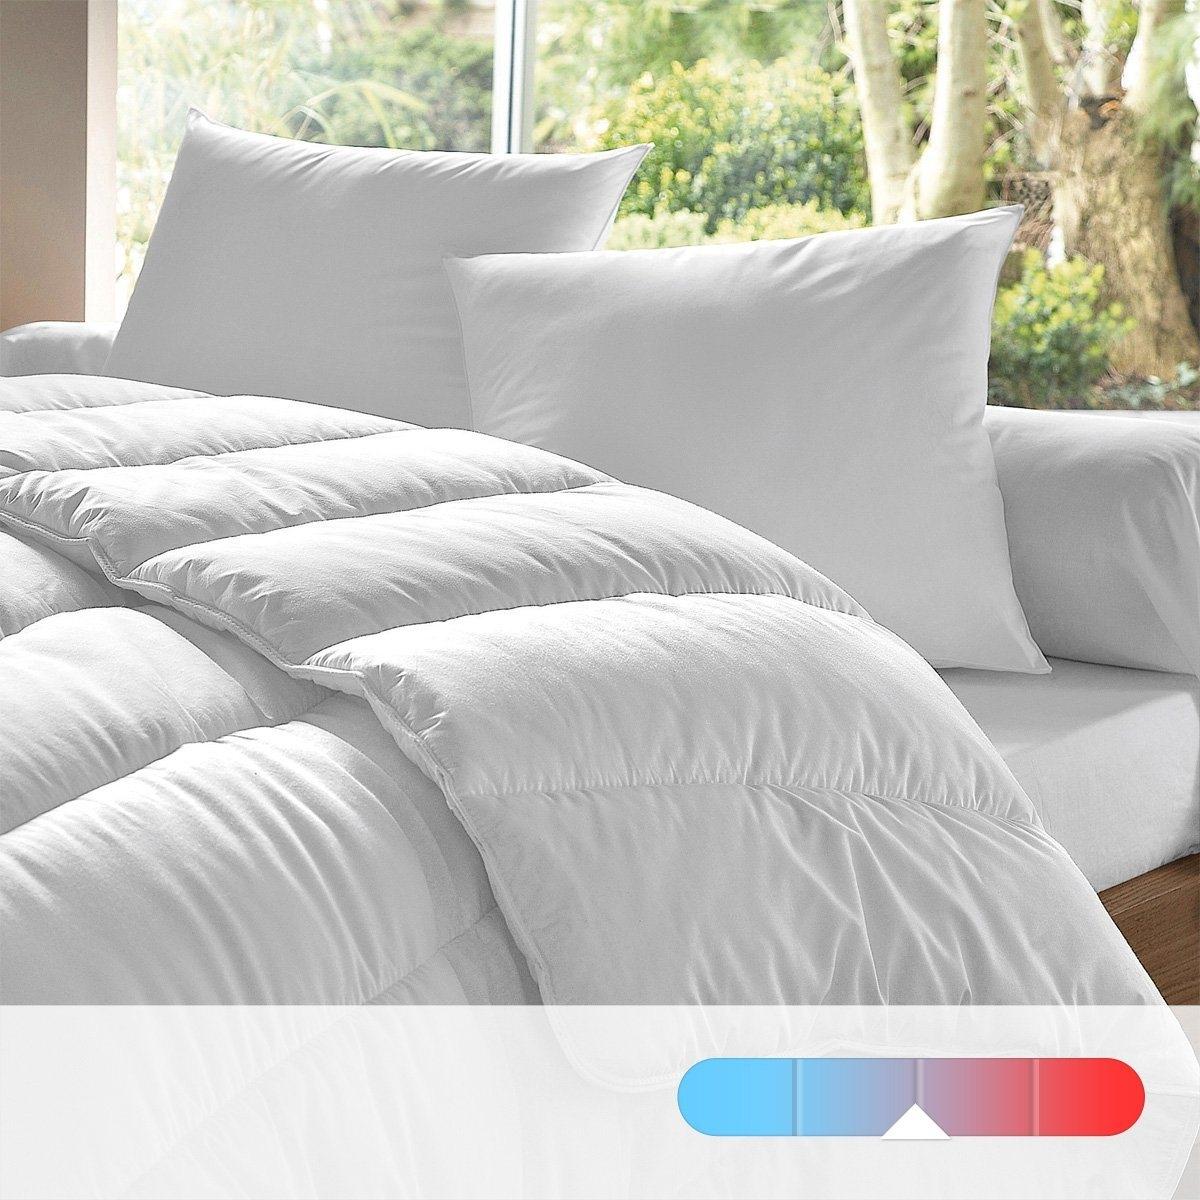 Одеяло эко с обработкой против клещей Proneem, среднее качество